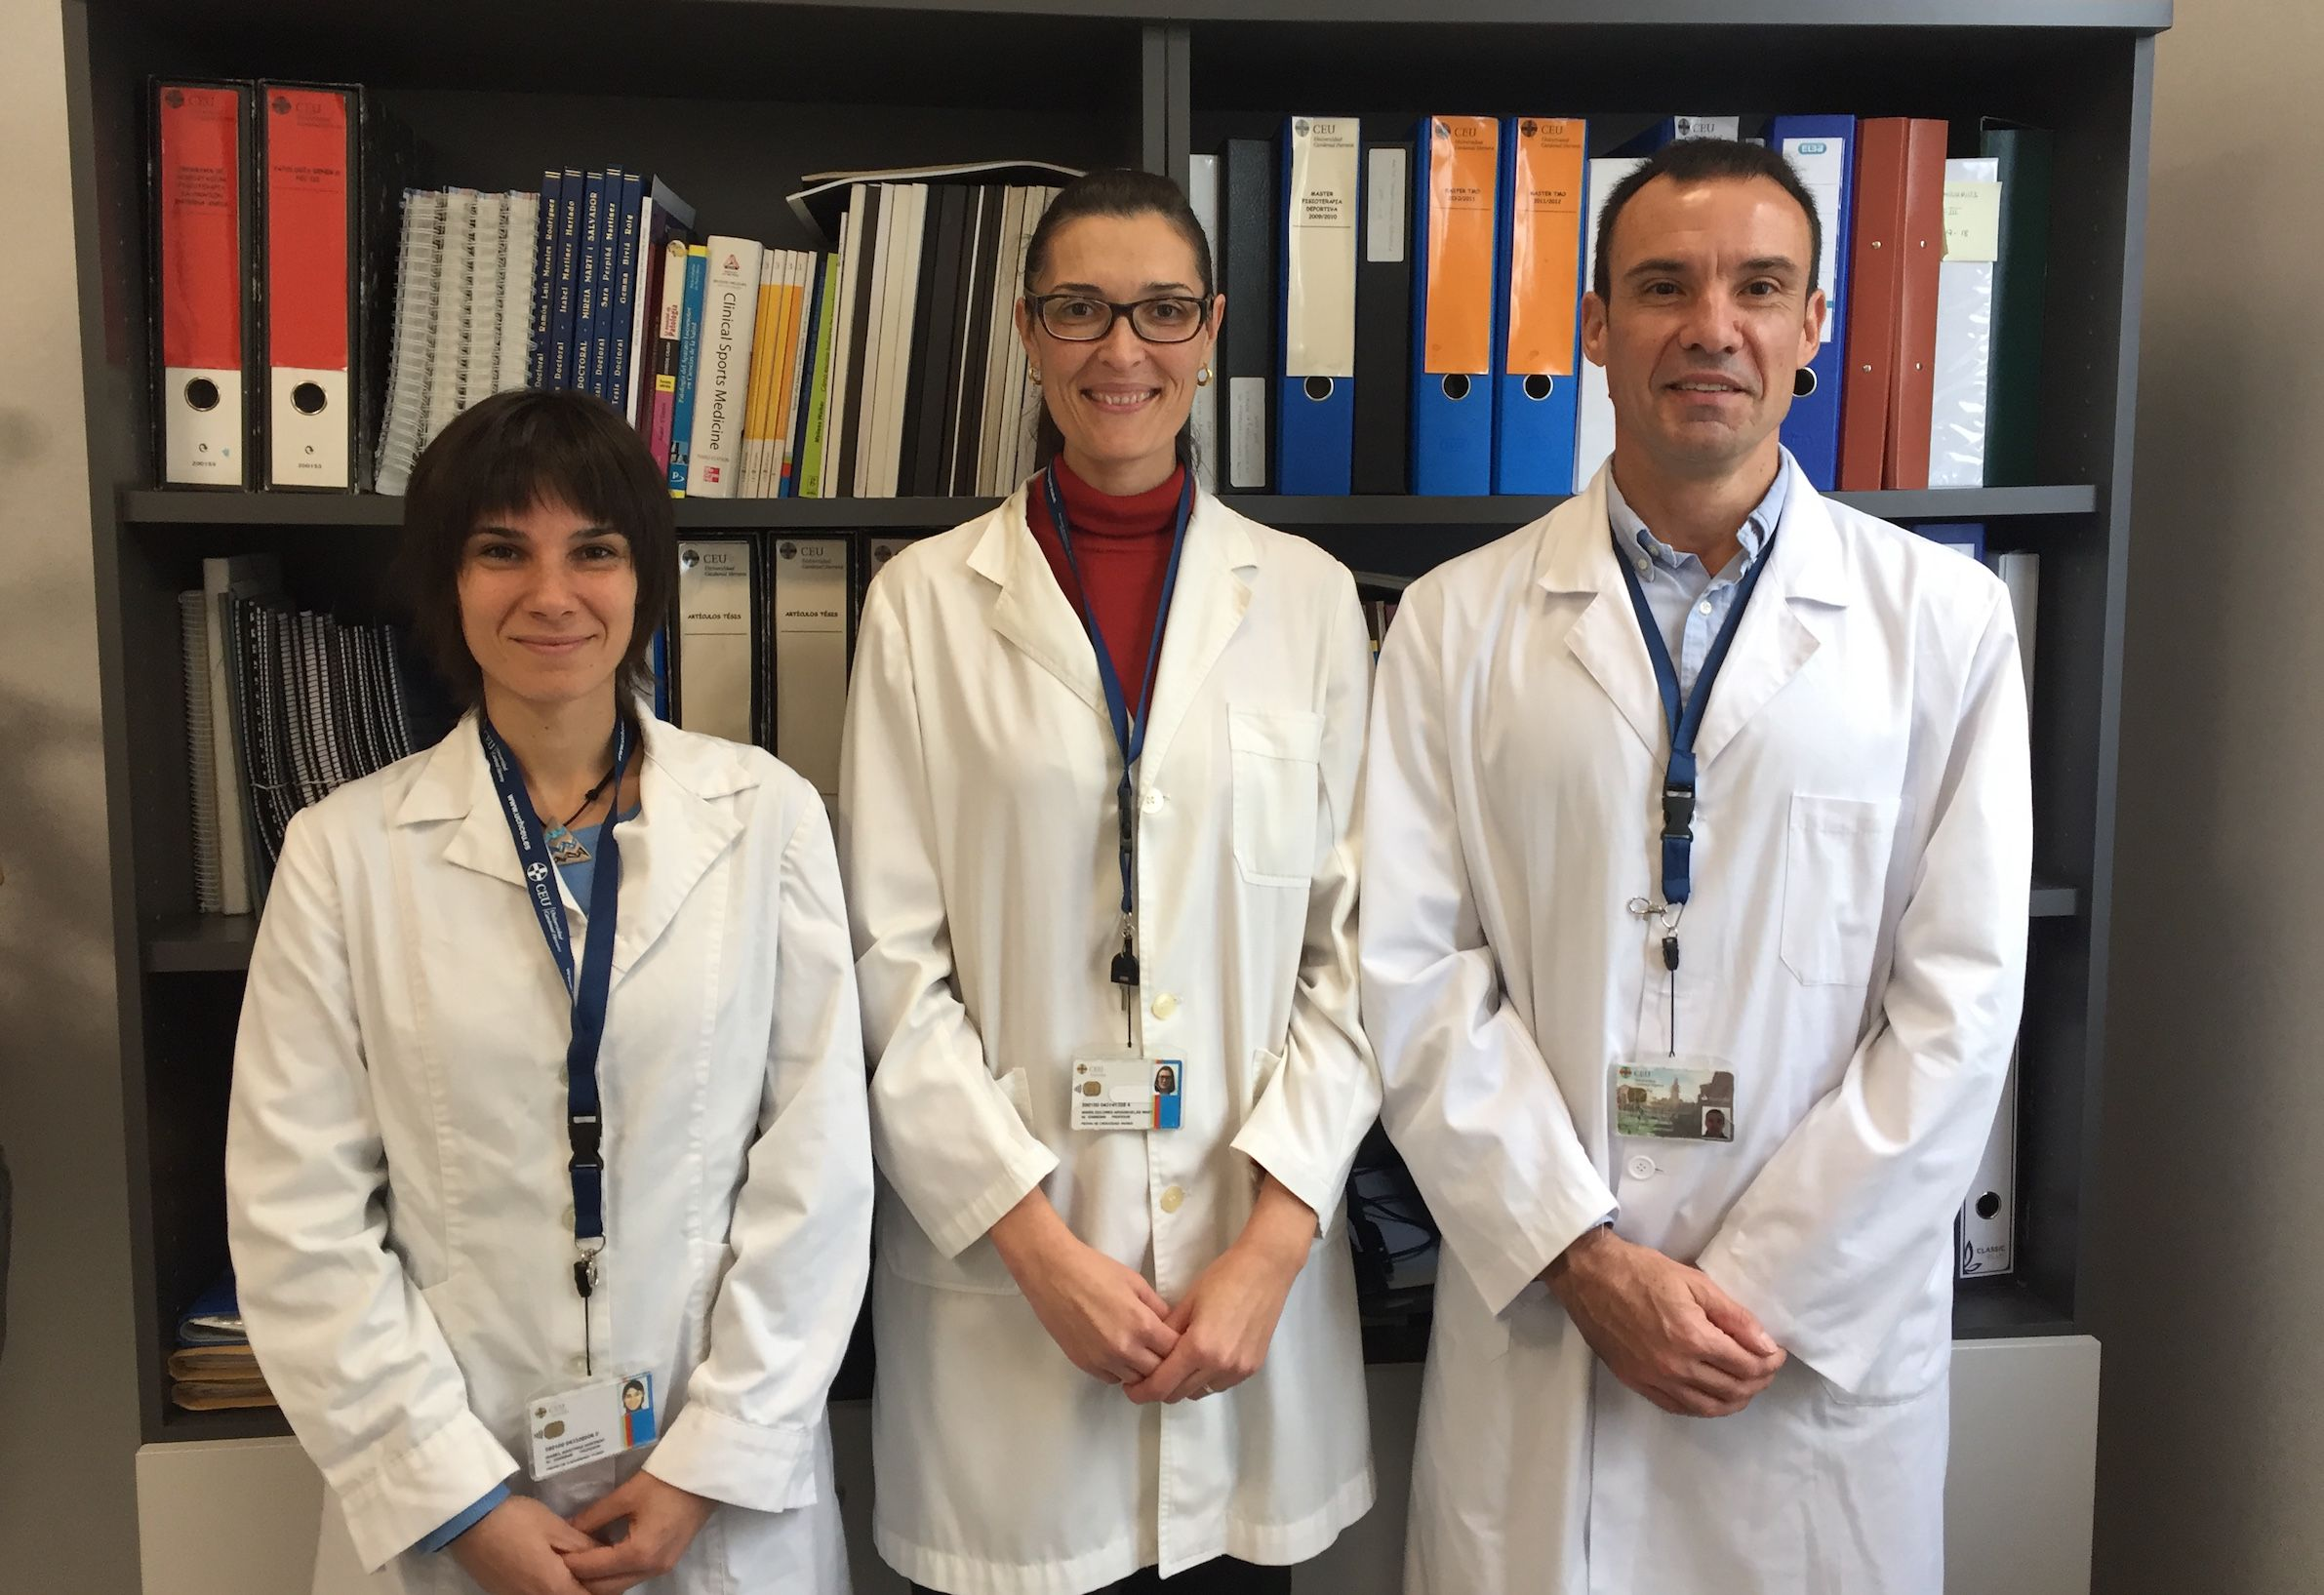 Los investigadores del Departamento de Fisioterapia de la CEU UCH Isabel Martínez Hurtado, María Dolores Arguisuelas y Juan Francisco Lisón, que han liderado el ensayo clínico para el tratamiento del reflujo mediante terapia miofascial.